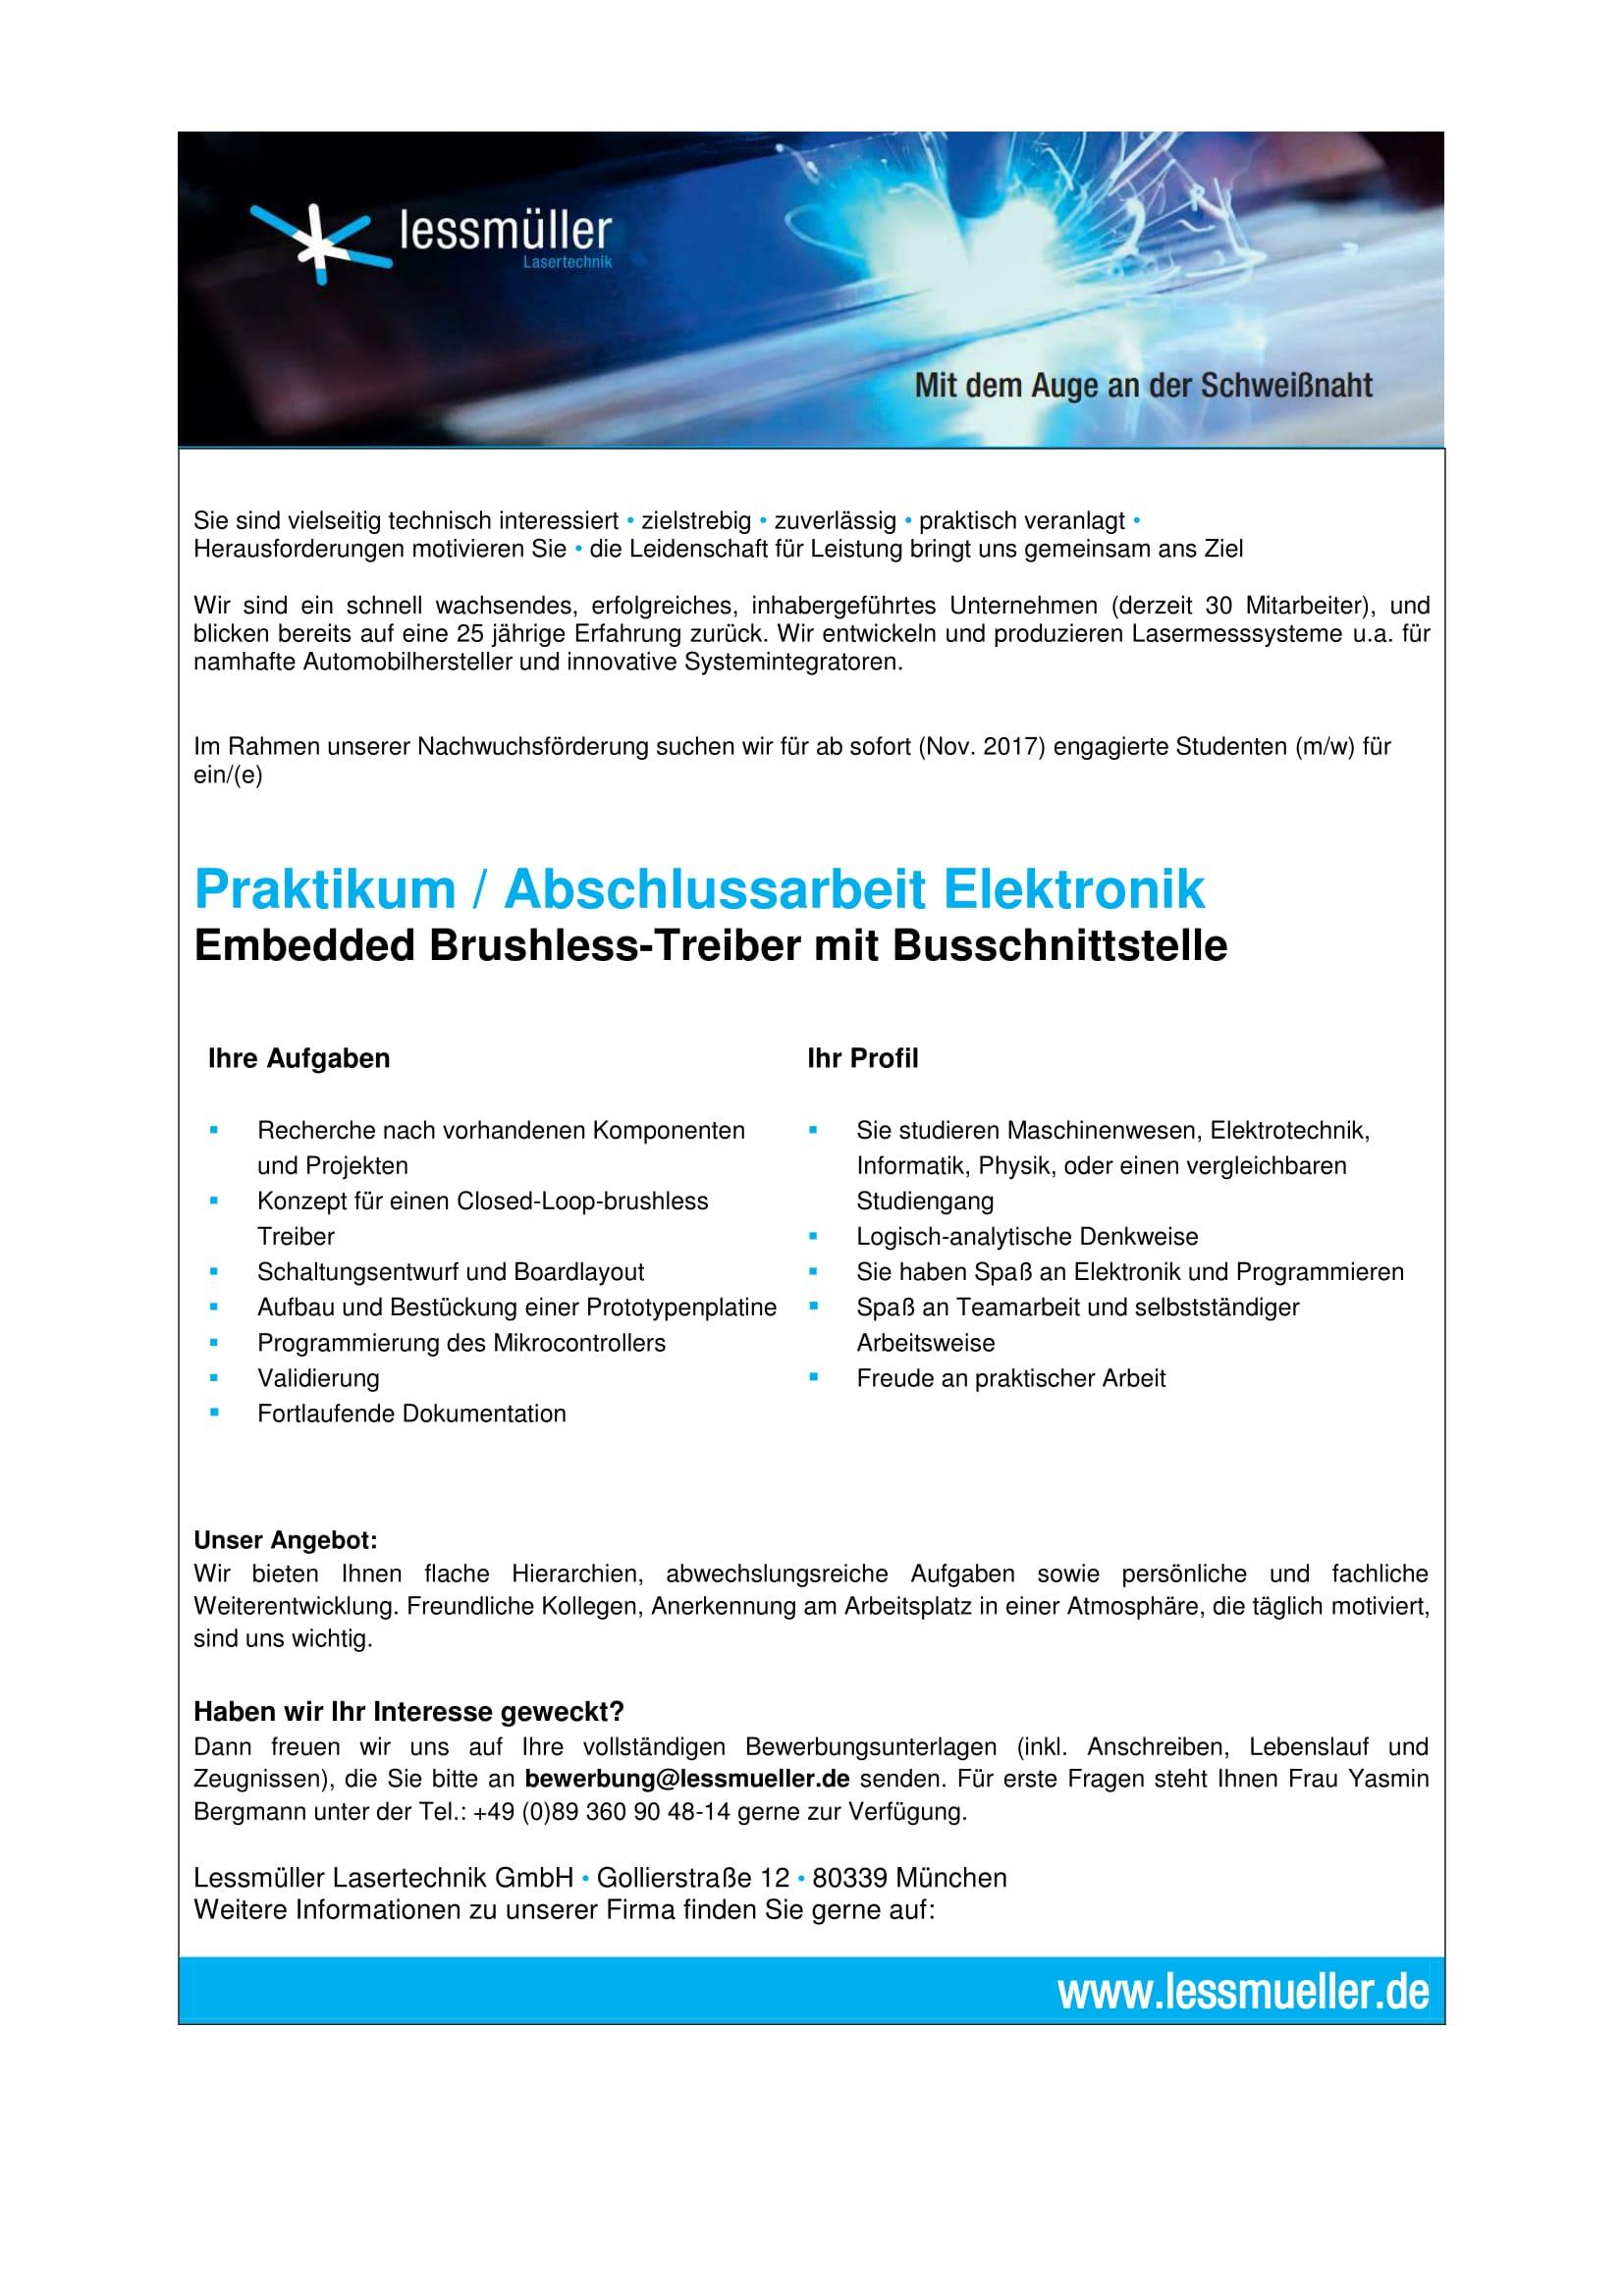 Niedlich Ziele Für Lebenslauf Praktikum Ideen - Entry Level Resume ...